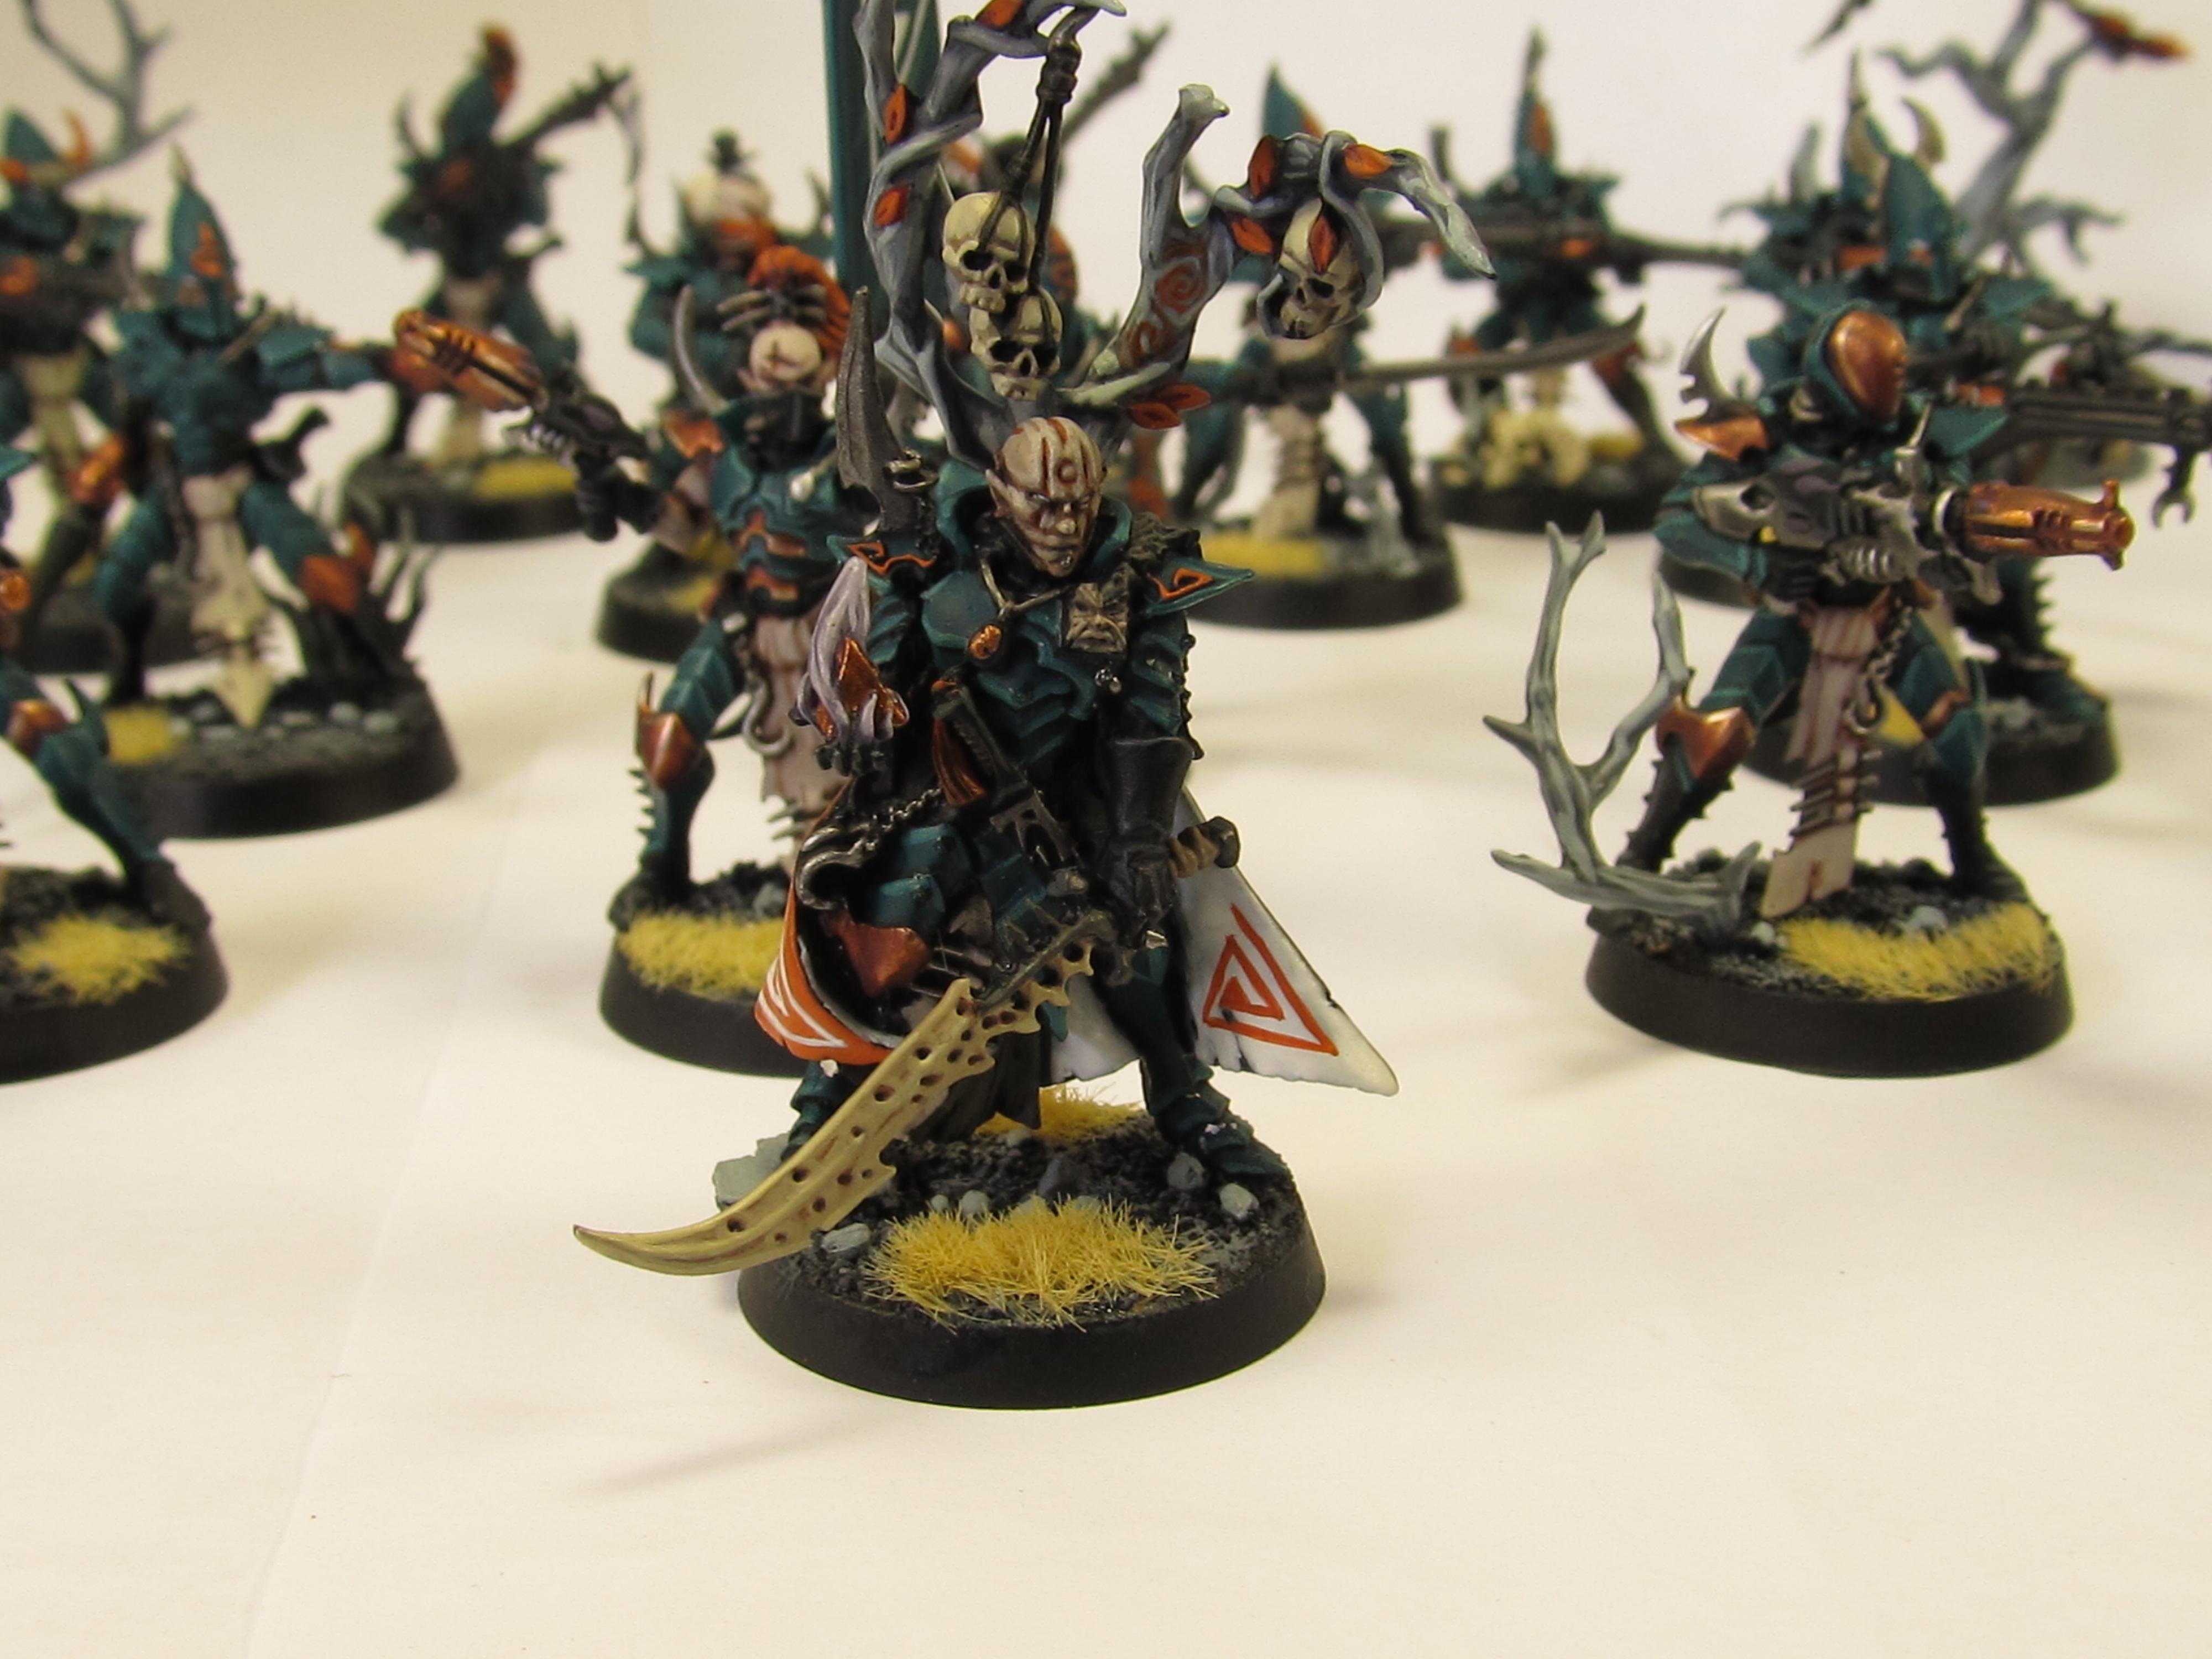 Archon, Dark Eldar, De, Warhammer 40,000